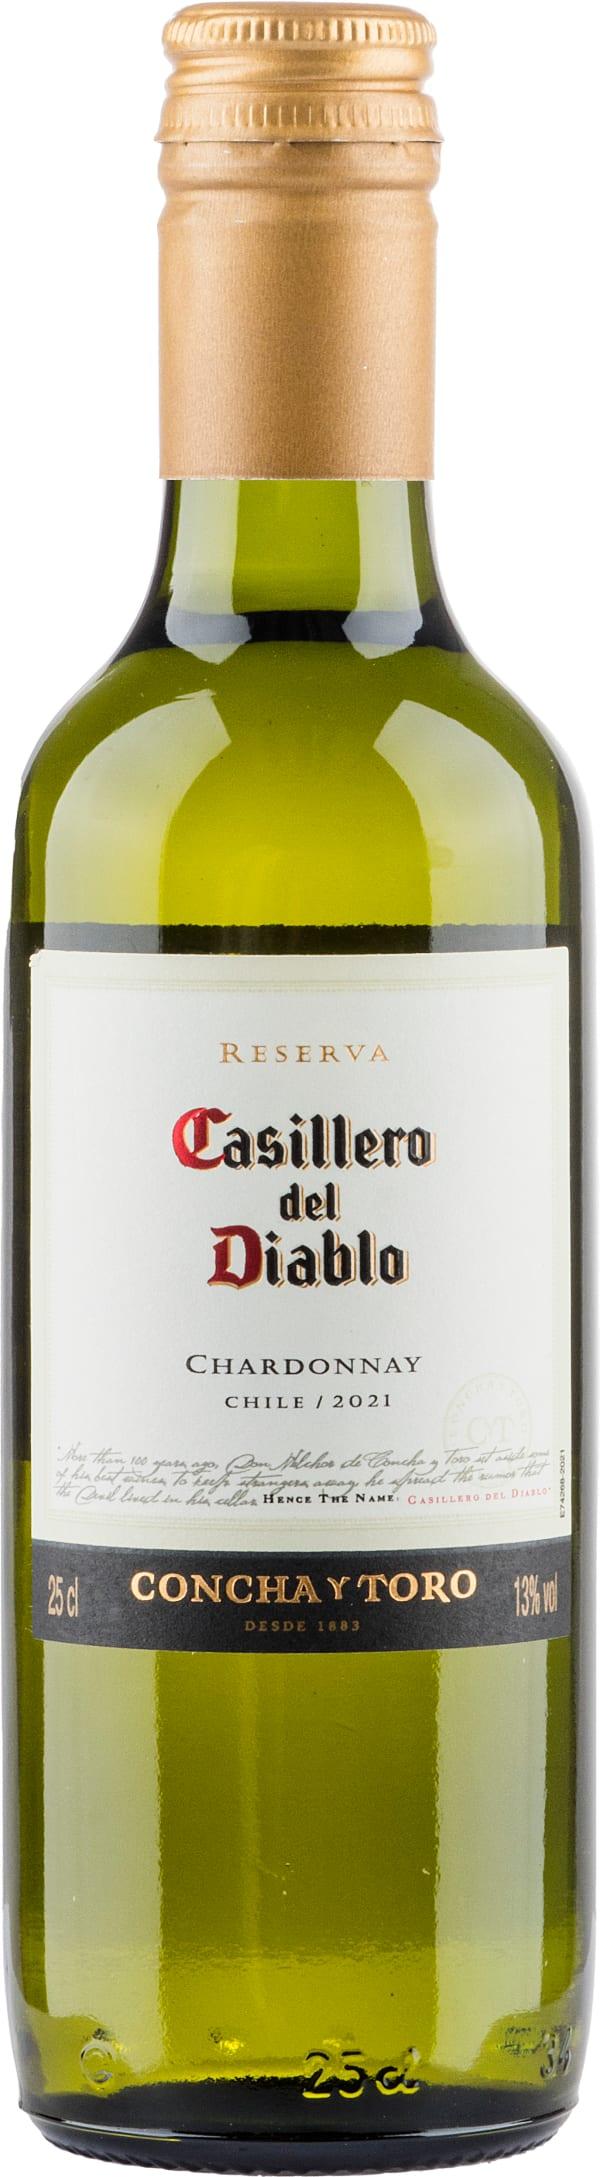 Casillero del Diablo Chardonnay 2017